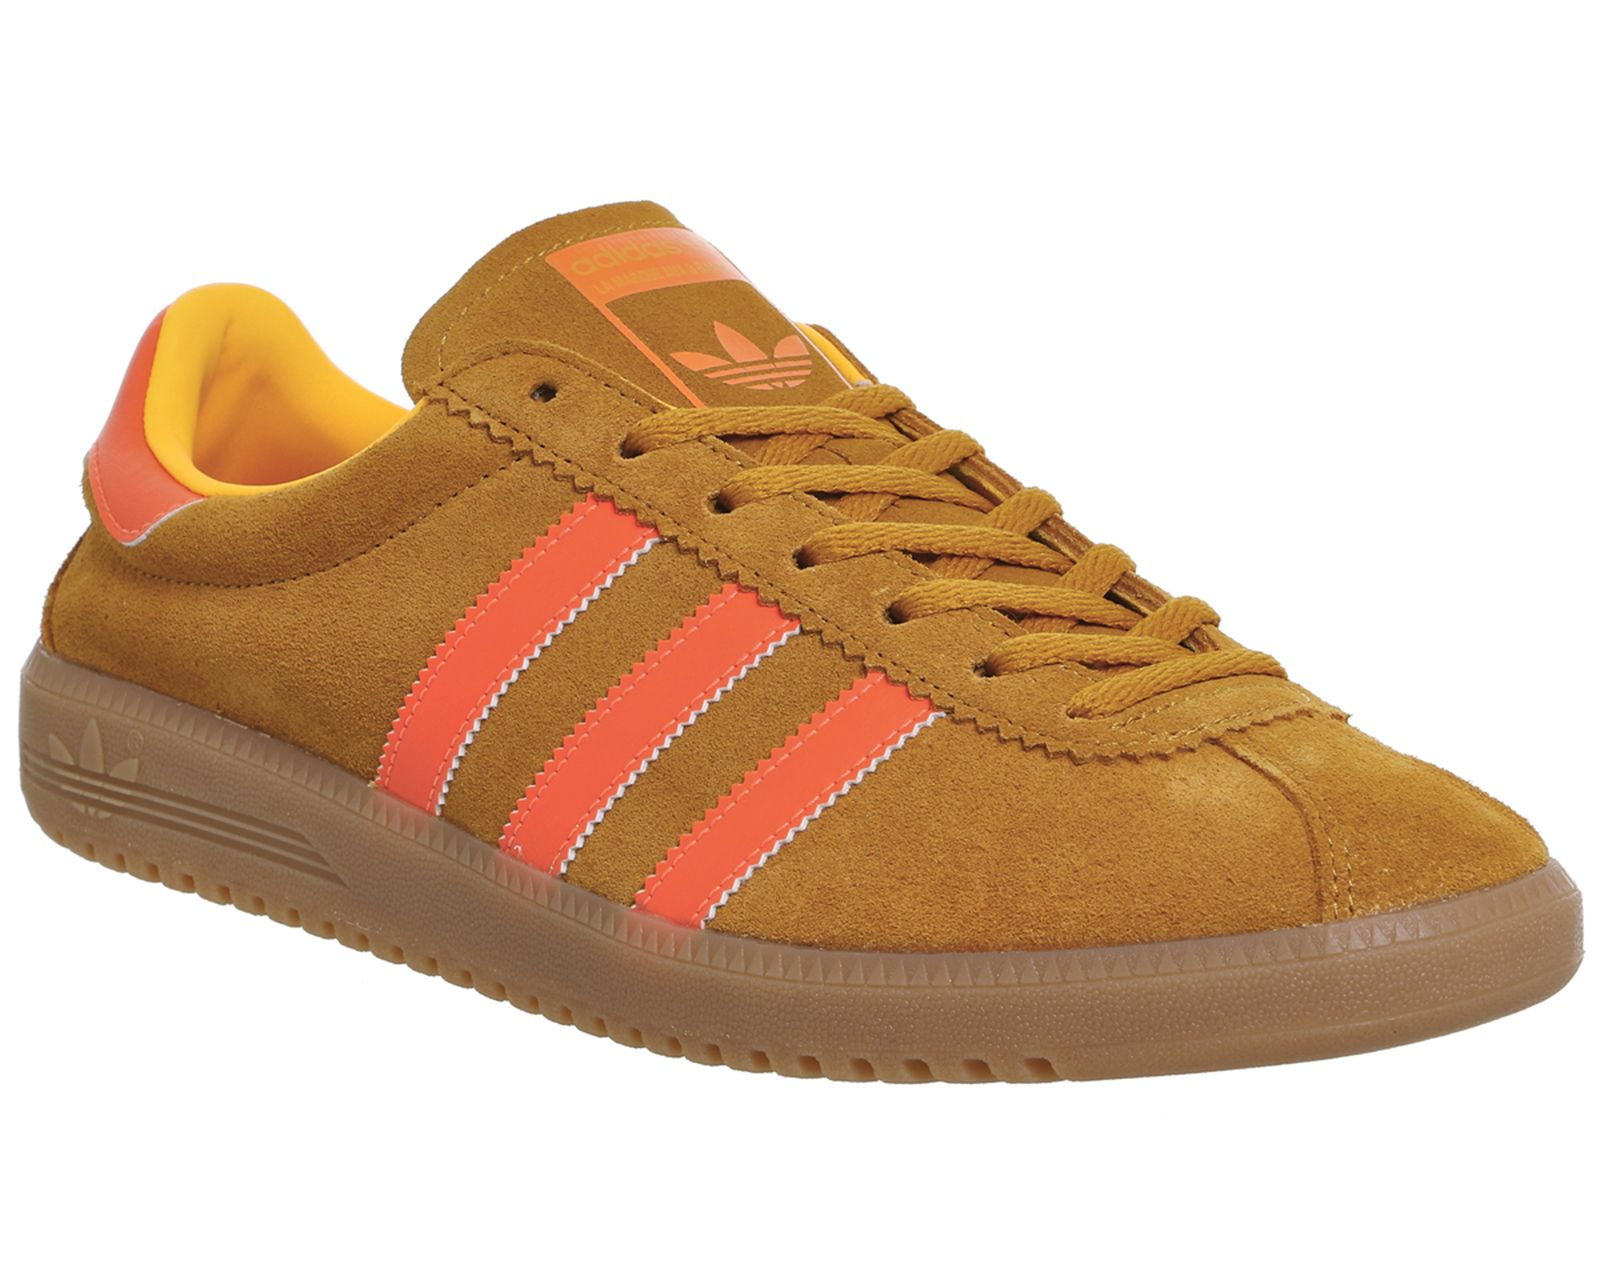 Adidas, Bermuda Trainers, Solar Gold Orange Gum | David